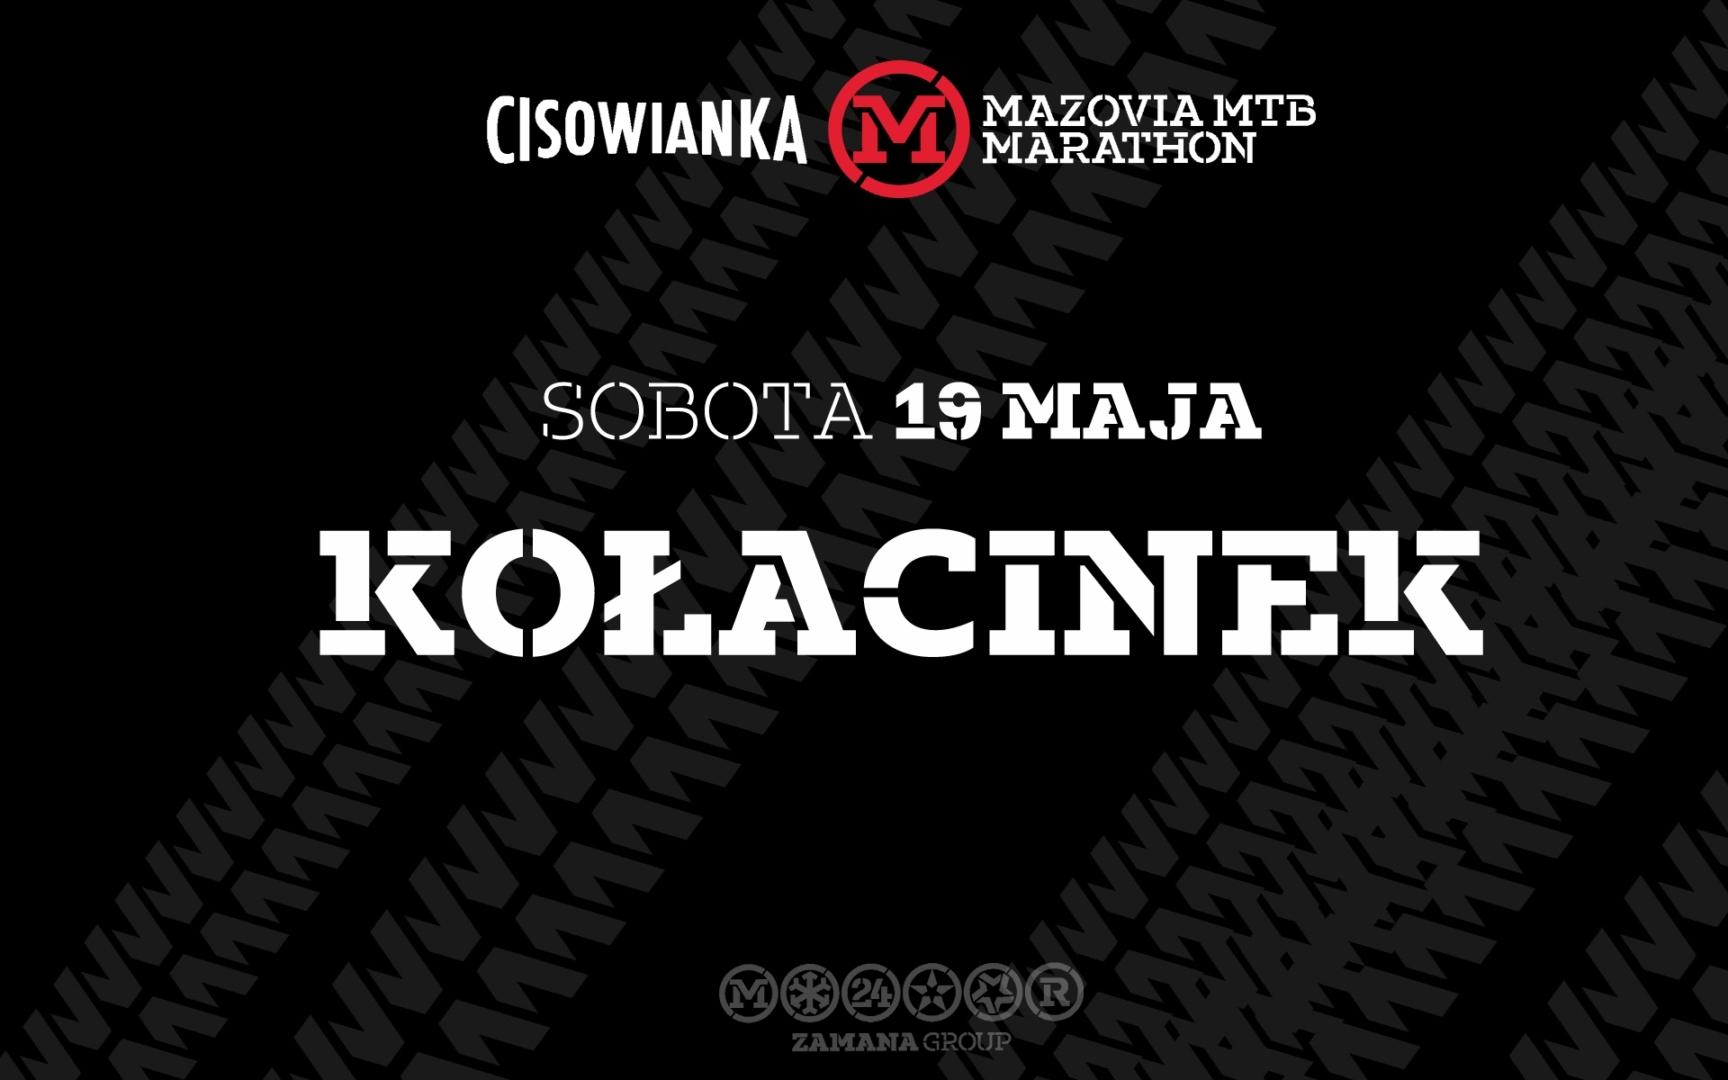 Cisowianka Mazovia MTB Marathon w Kołacinku